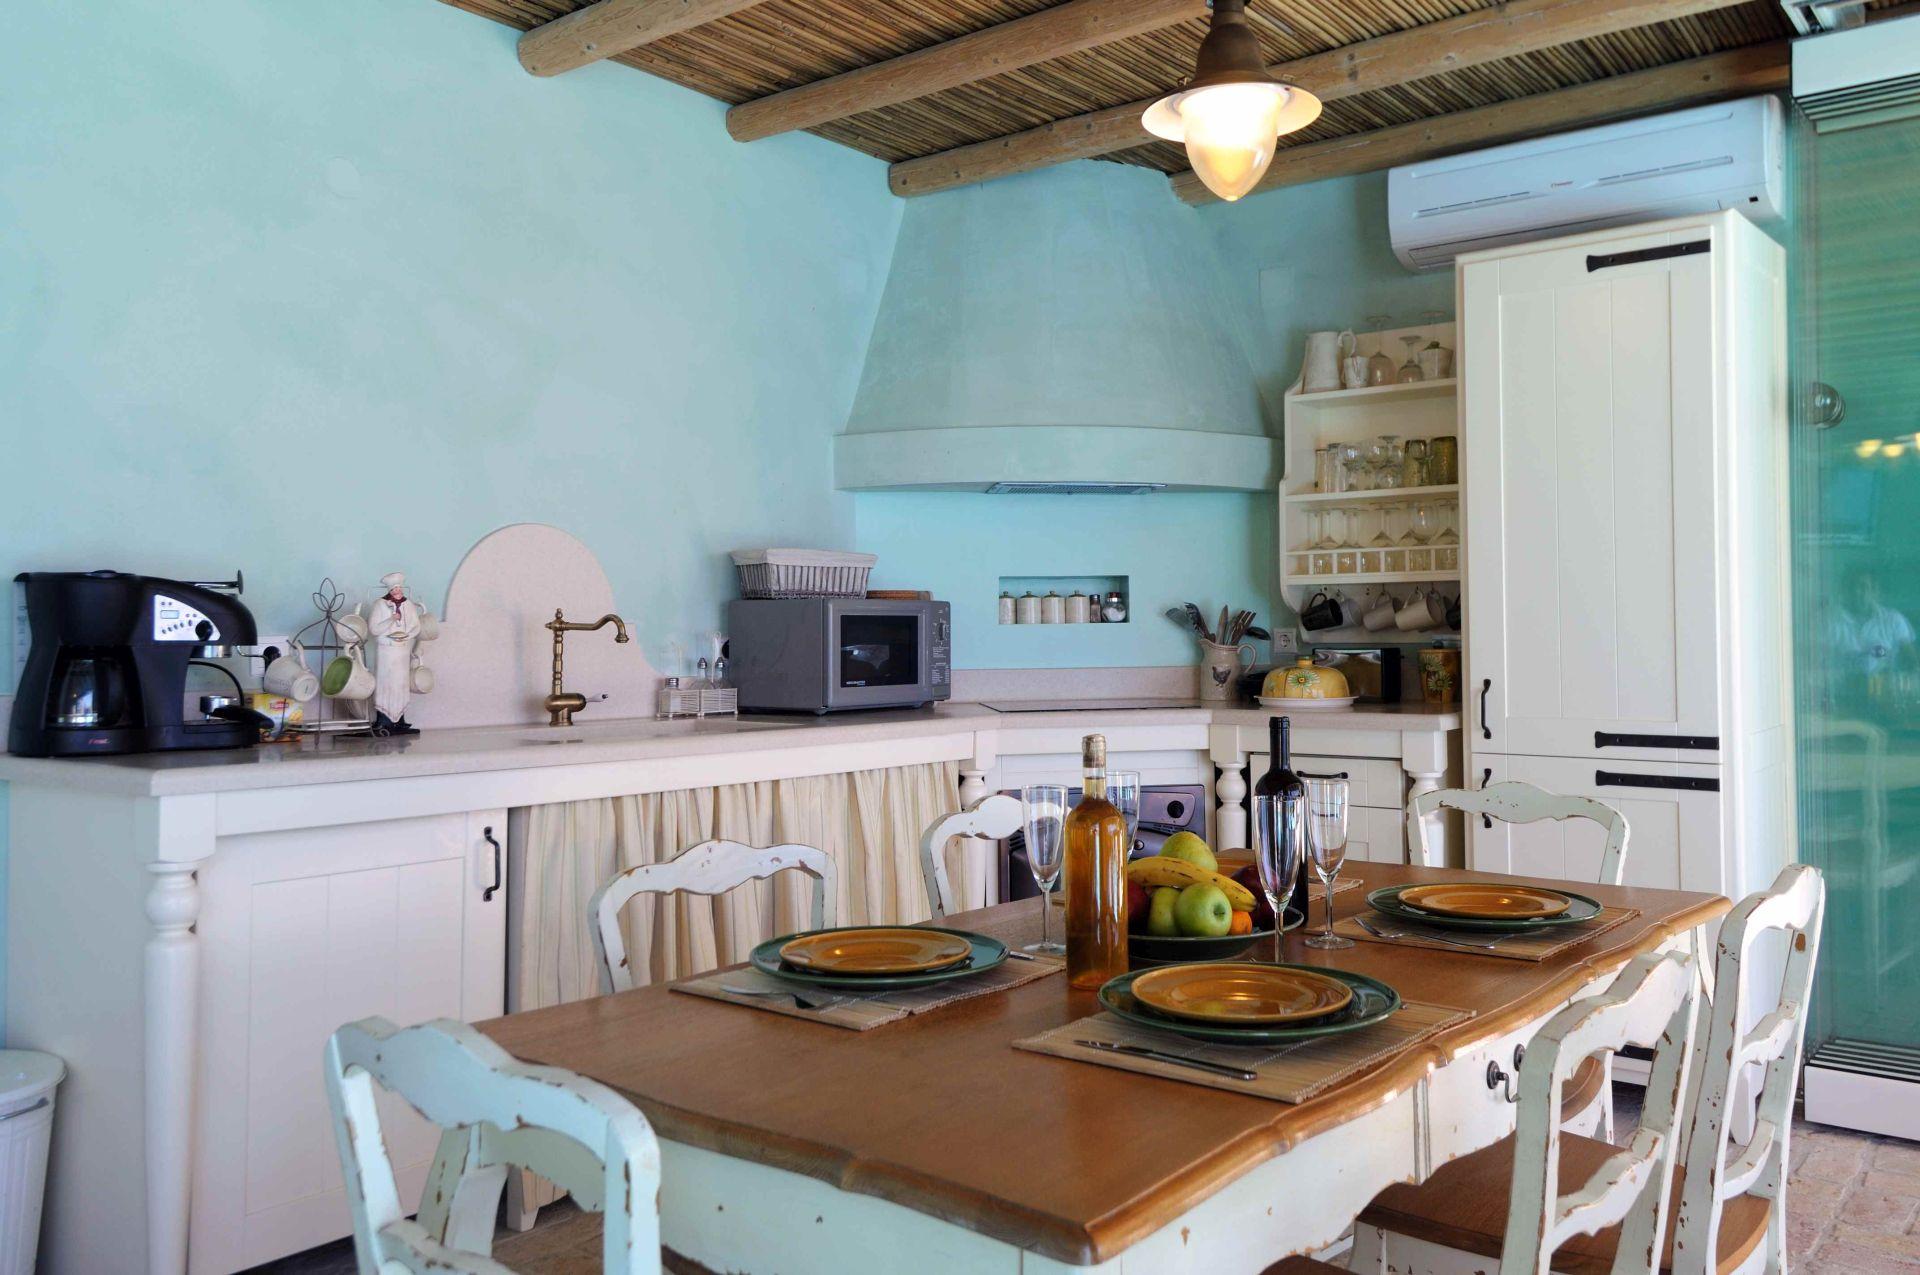 Küche - Korfu Villa Steilküste, Agios Spiridon, Korfu, Griechenland